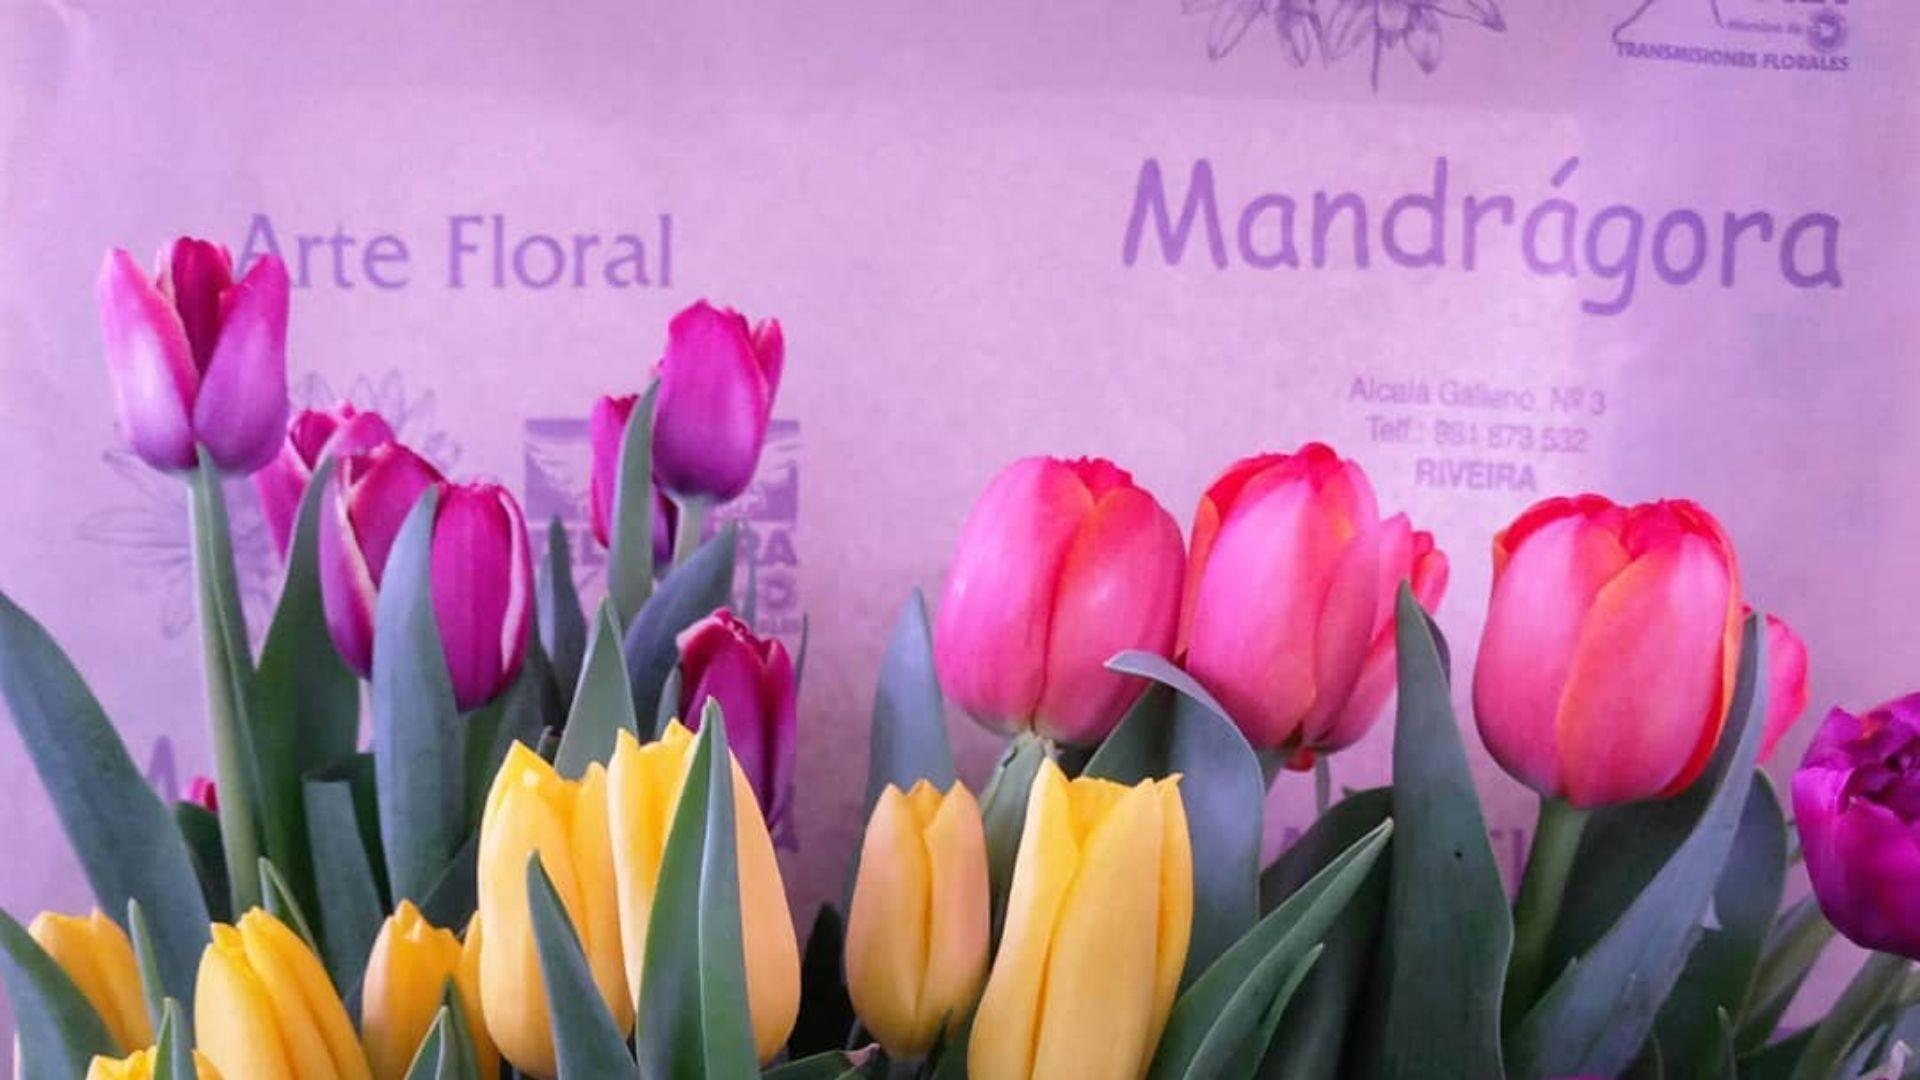 Mandragora floristería